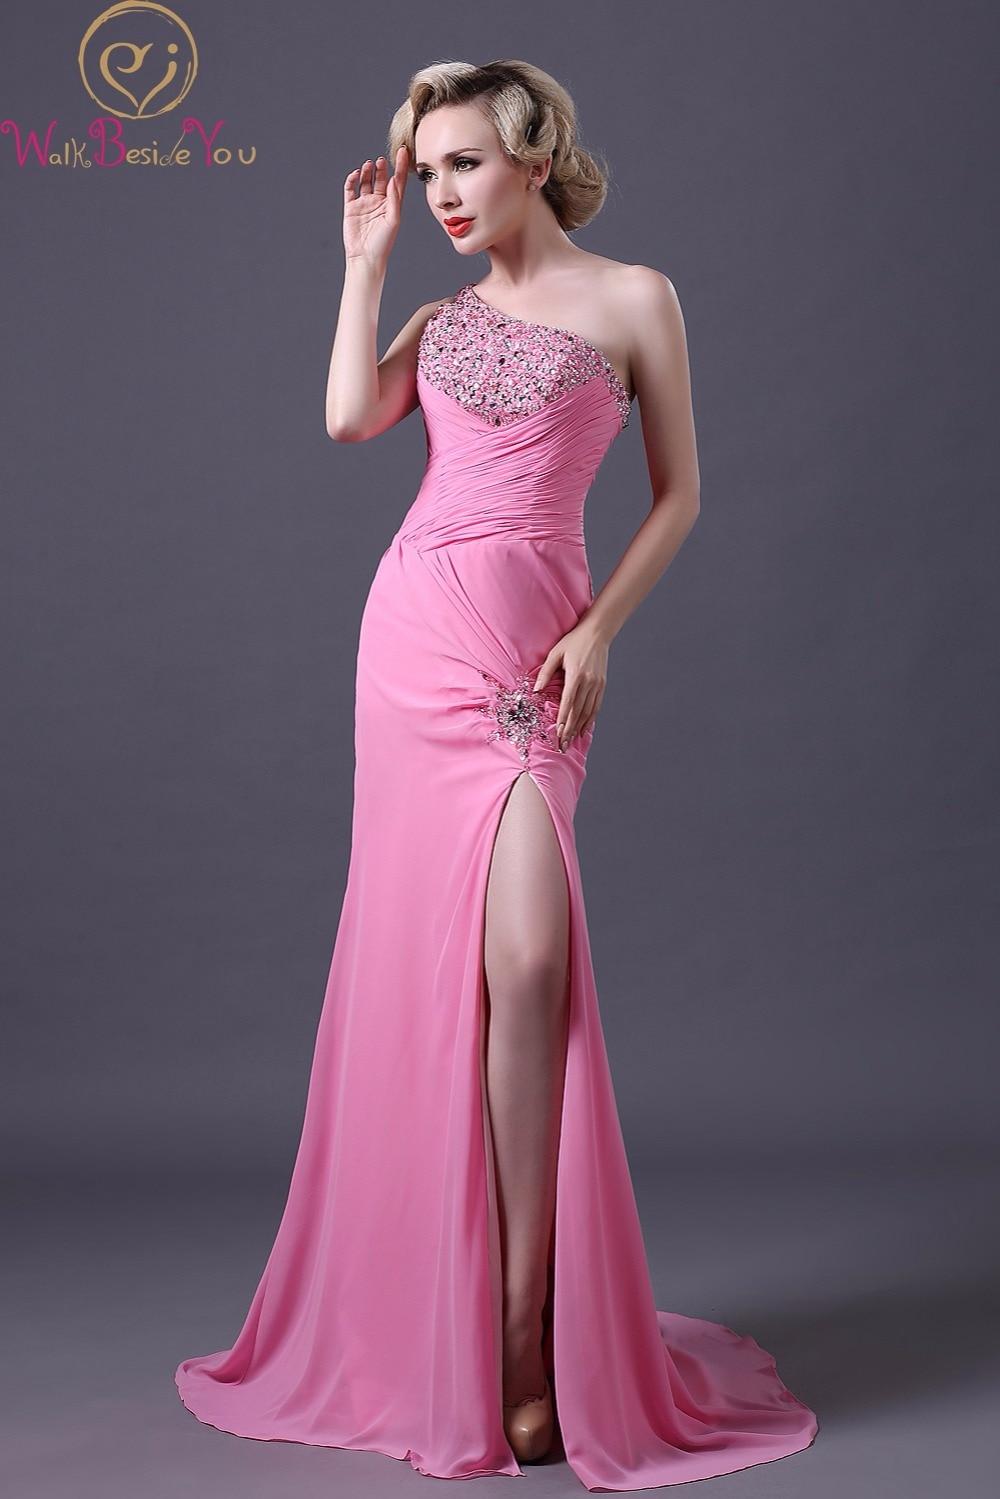 Bonito Purple One Shoulder Prom Dress Ideas - Colección de Vestidos ...